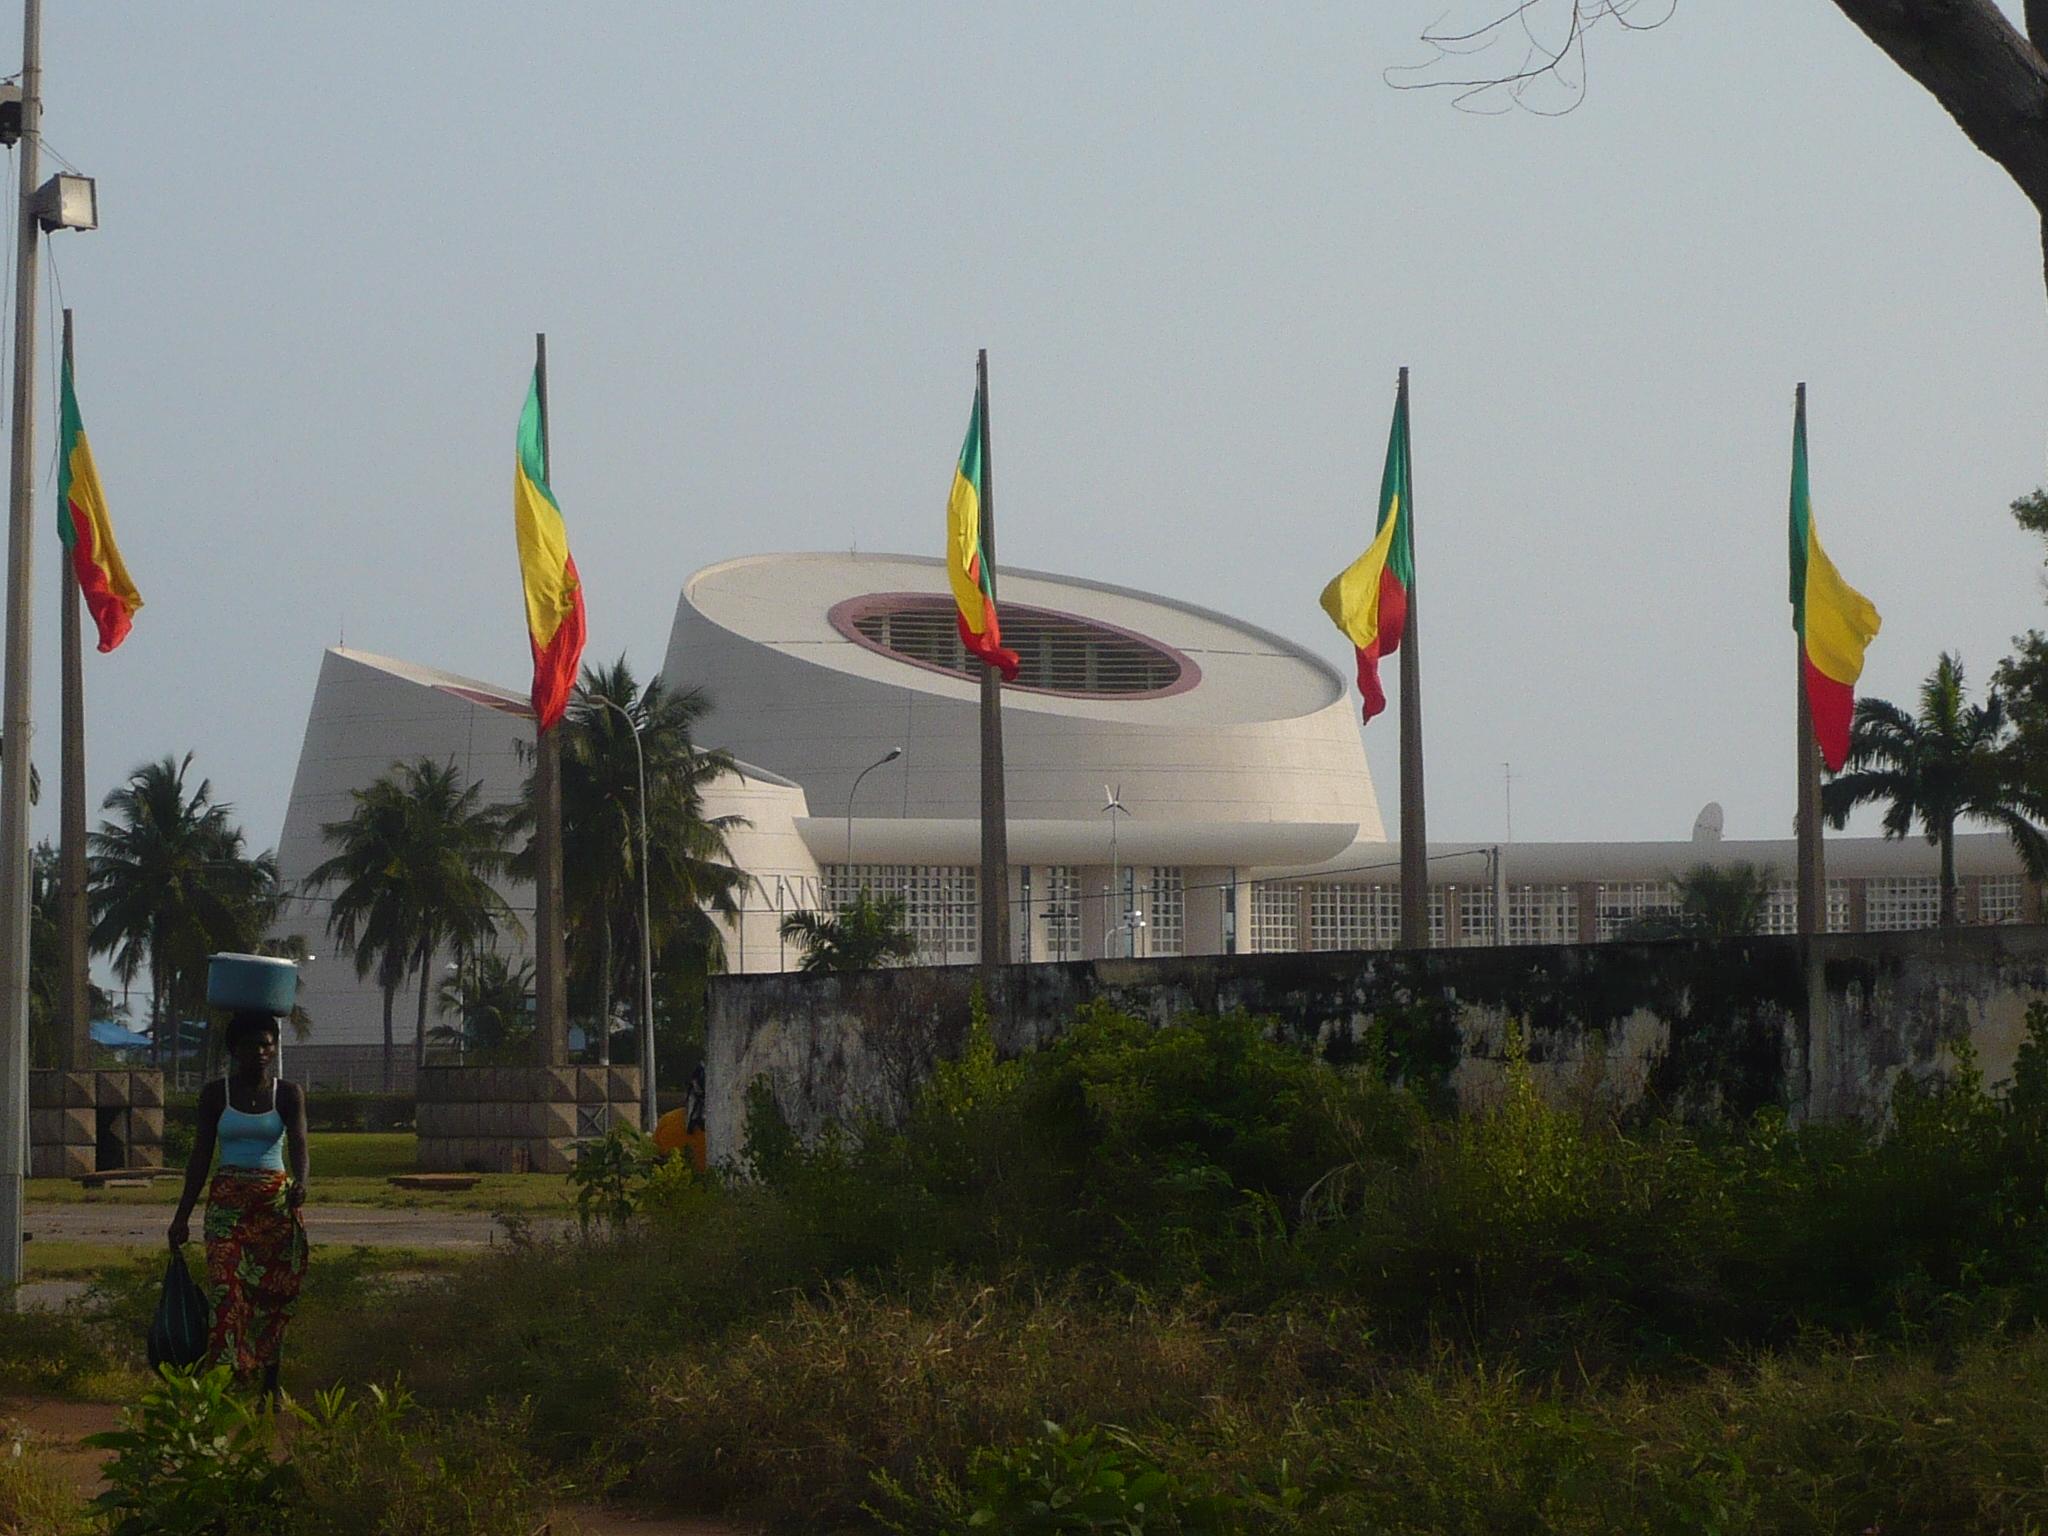 Gratis datingside i Republikken Benin